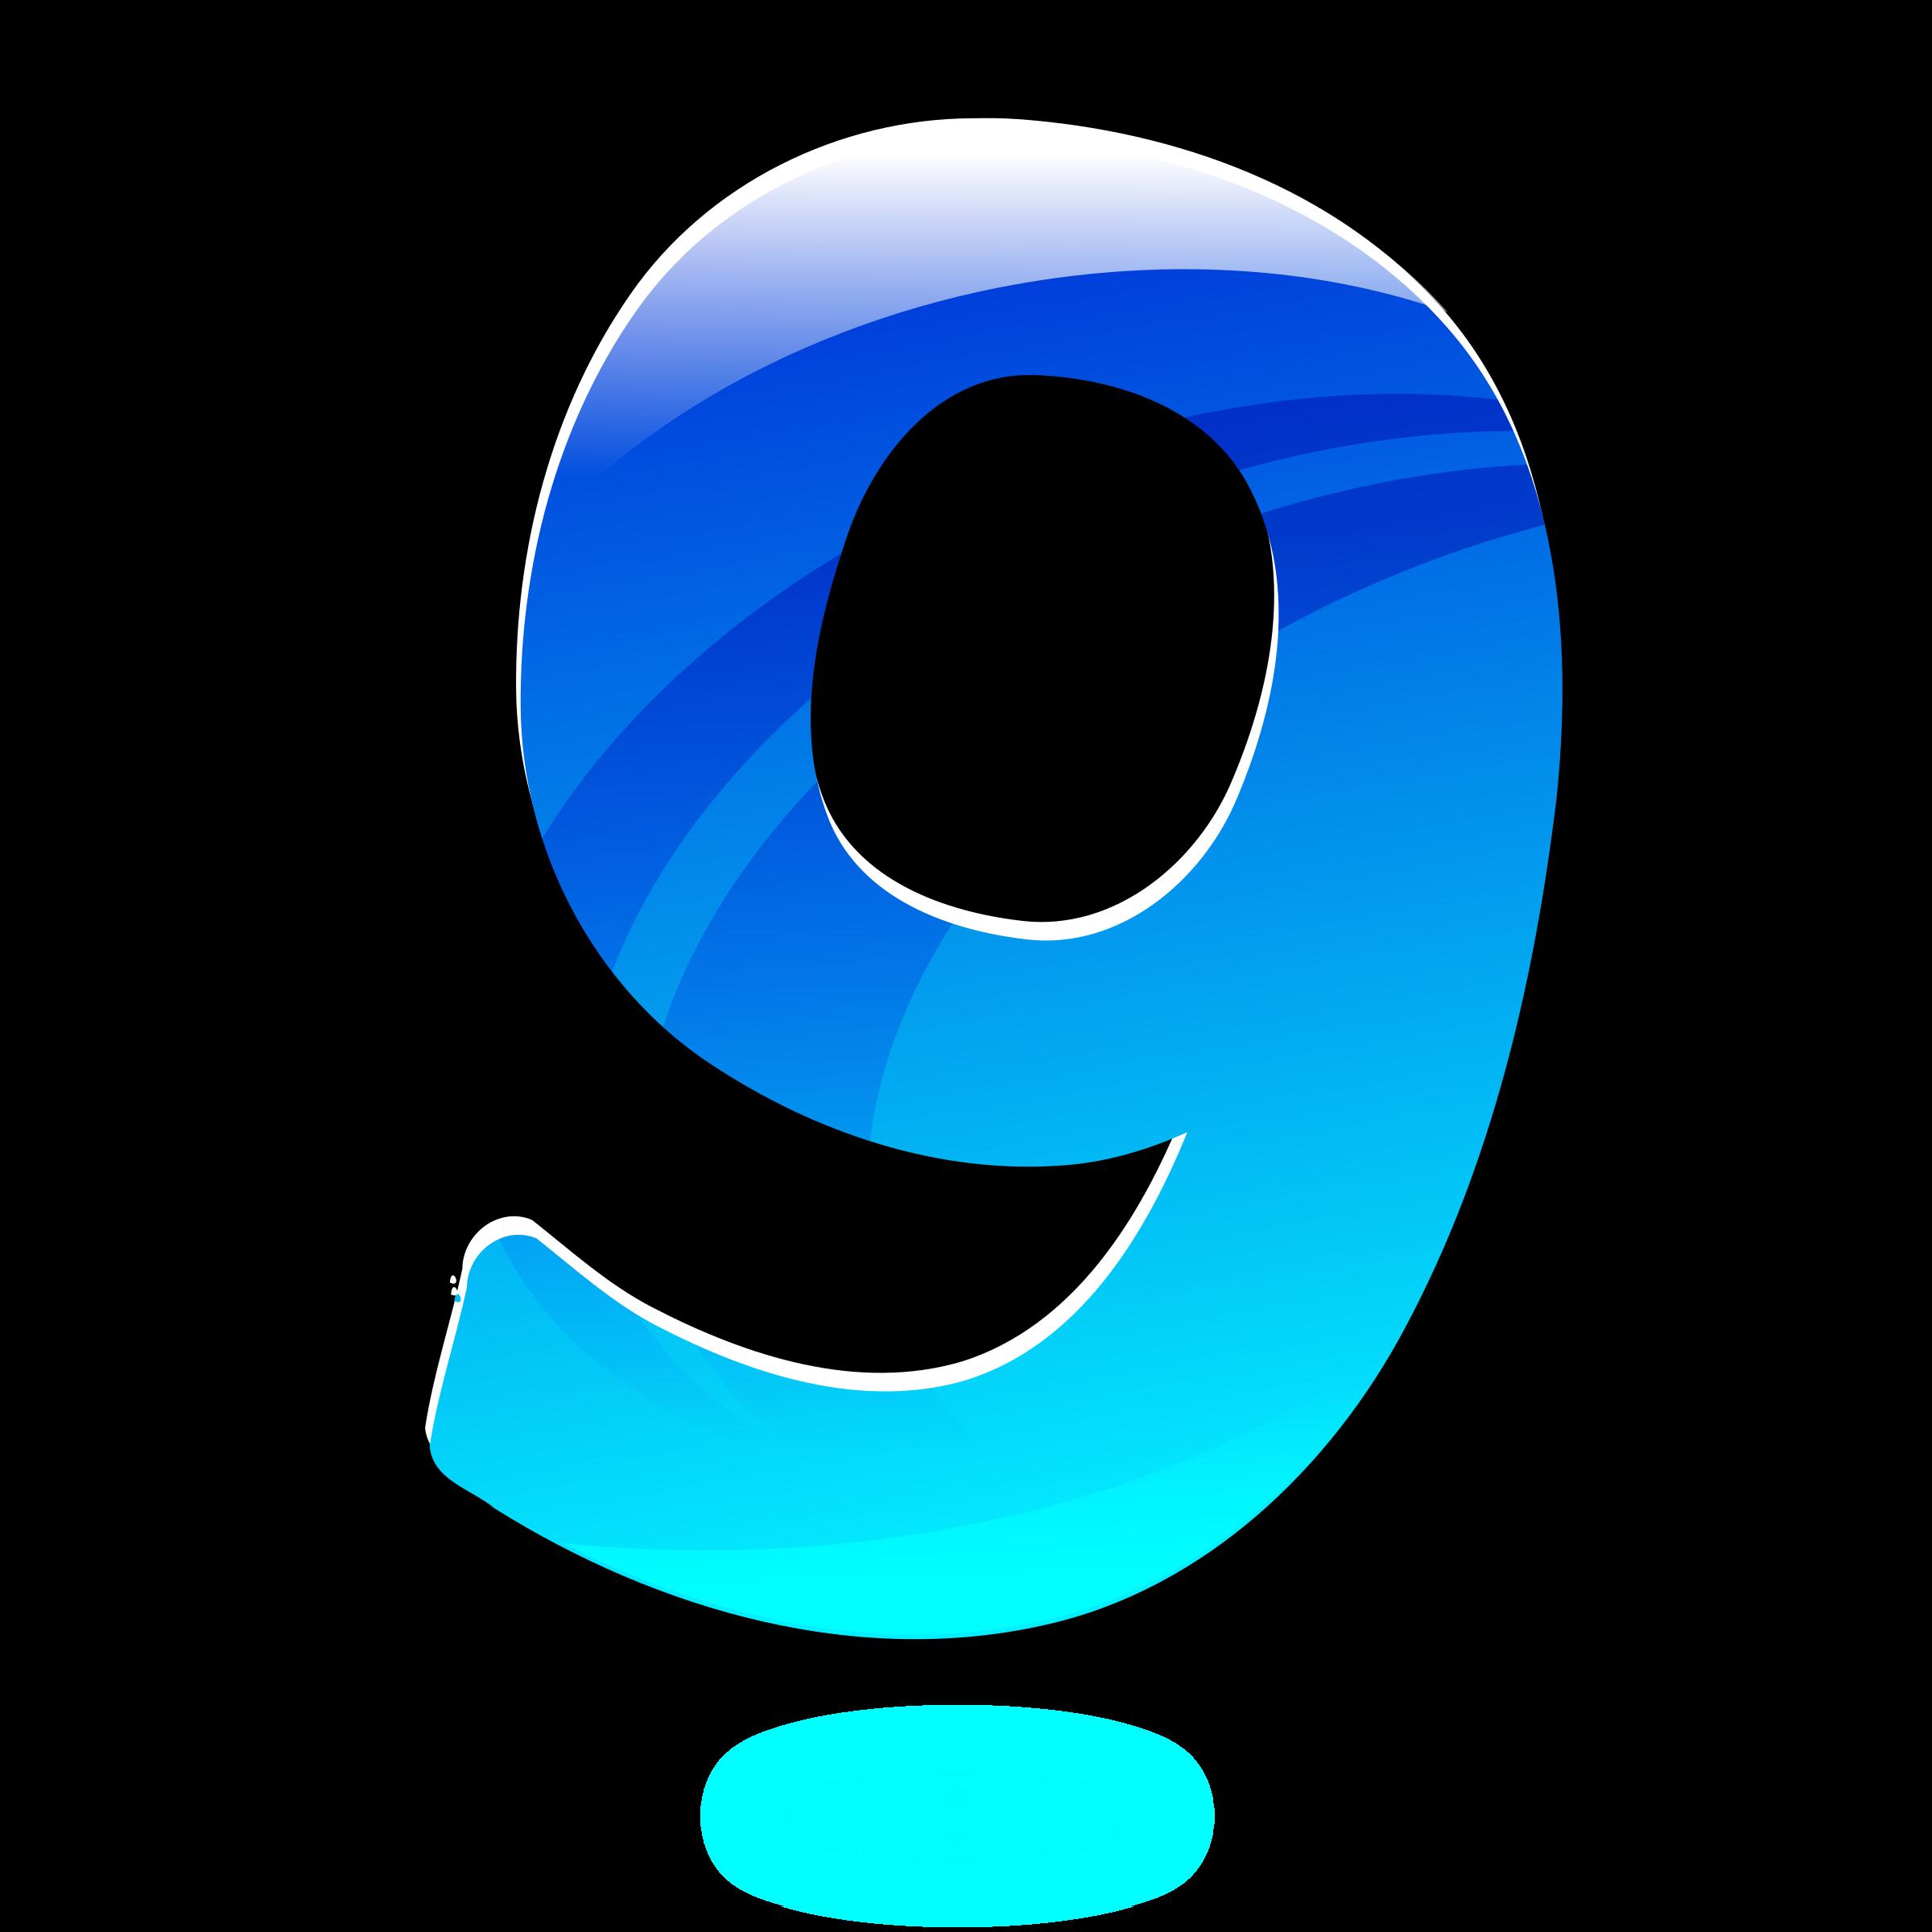 Number Nine Clipart.